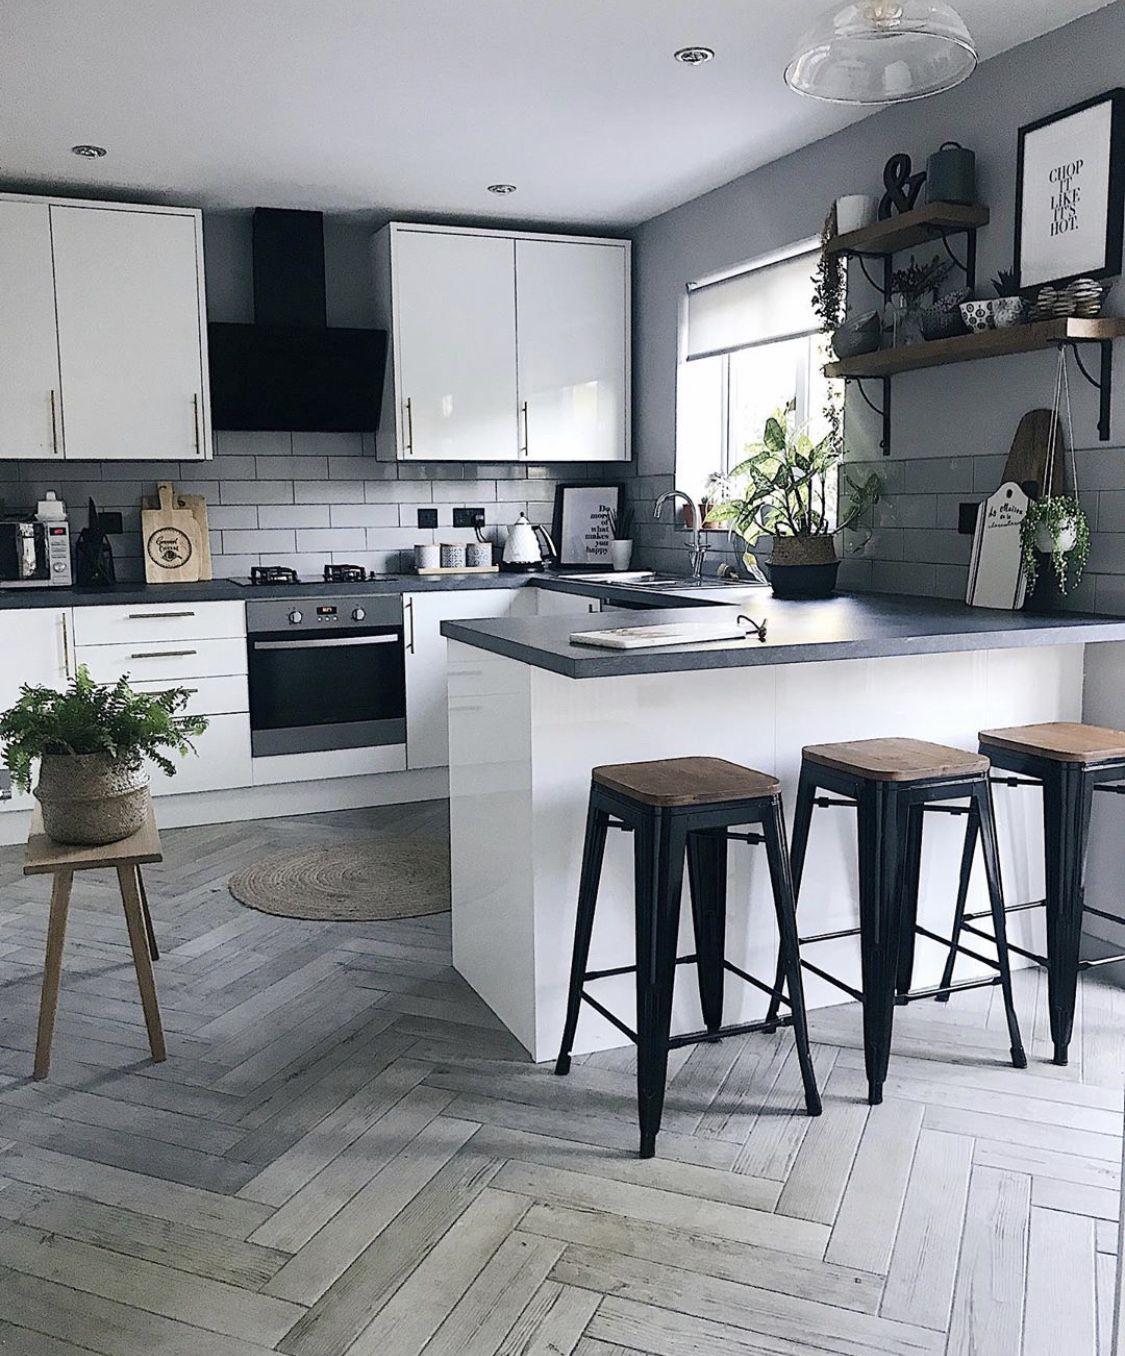 Pinterest scottythoughts   Kitchen design small, Modern kitchen ...